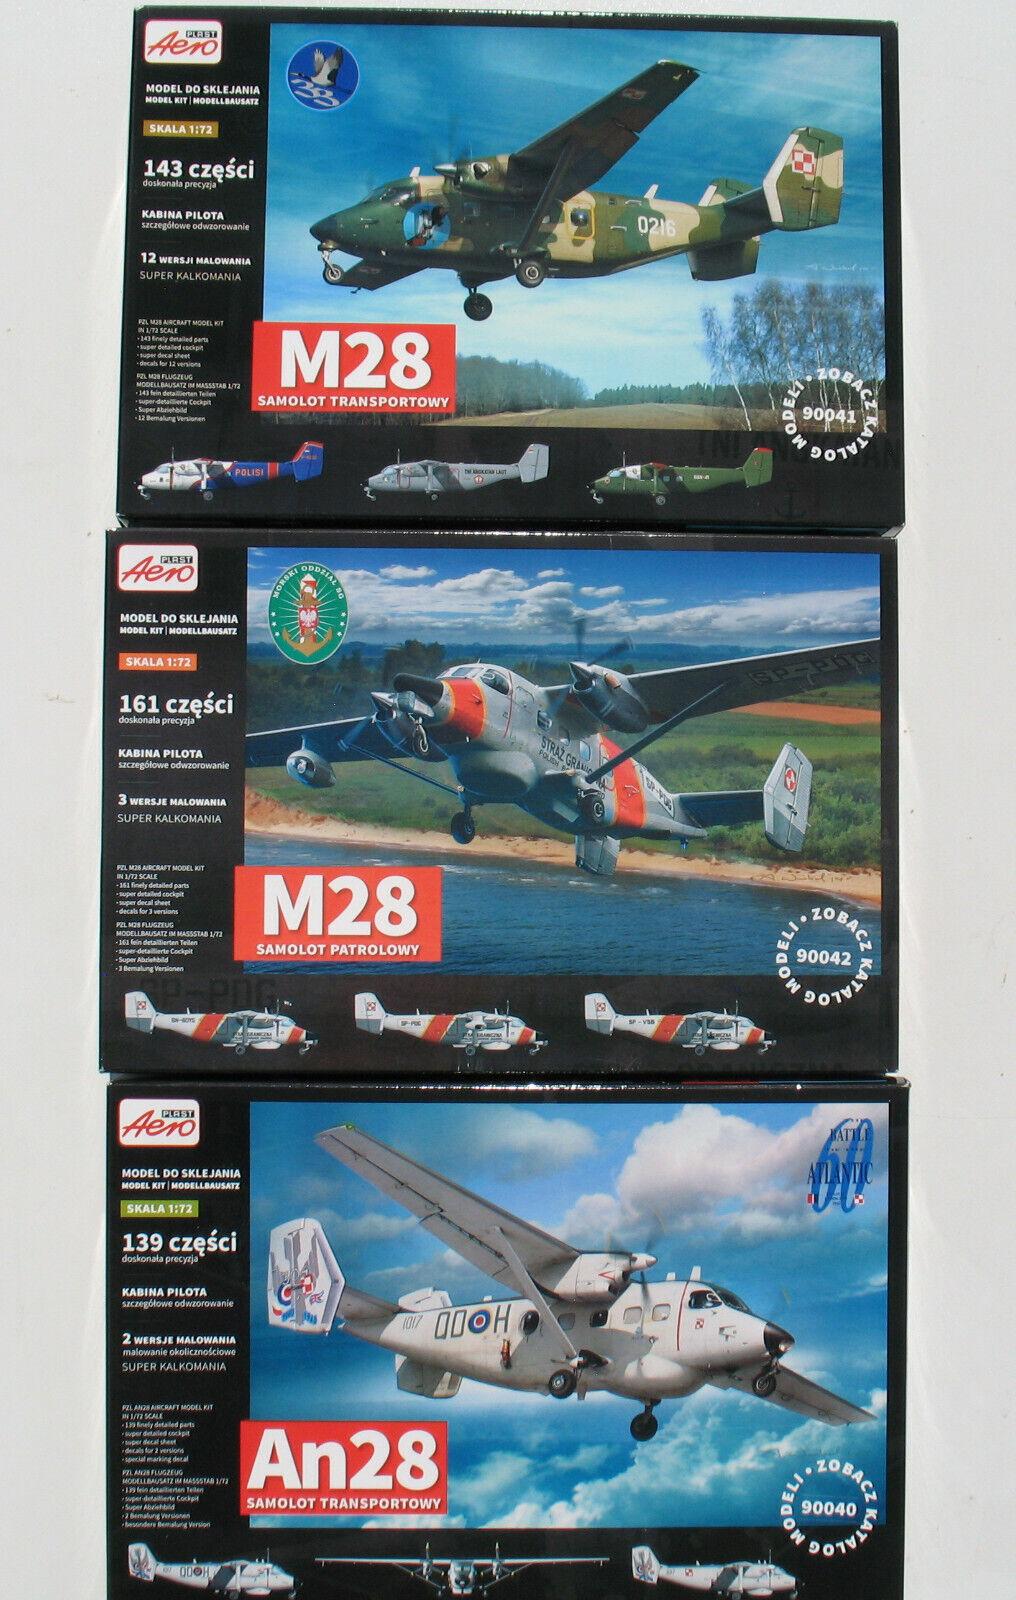 3x AEROPLAST 90040, 90041, 90042 - PLZ M28, An28 - 1 72 - Flugzeug Busatz Kit